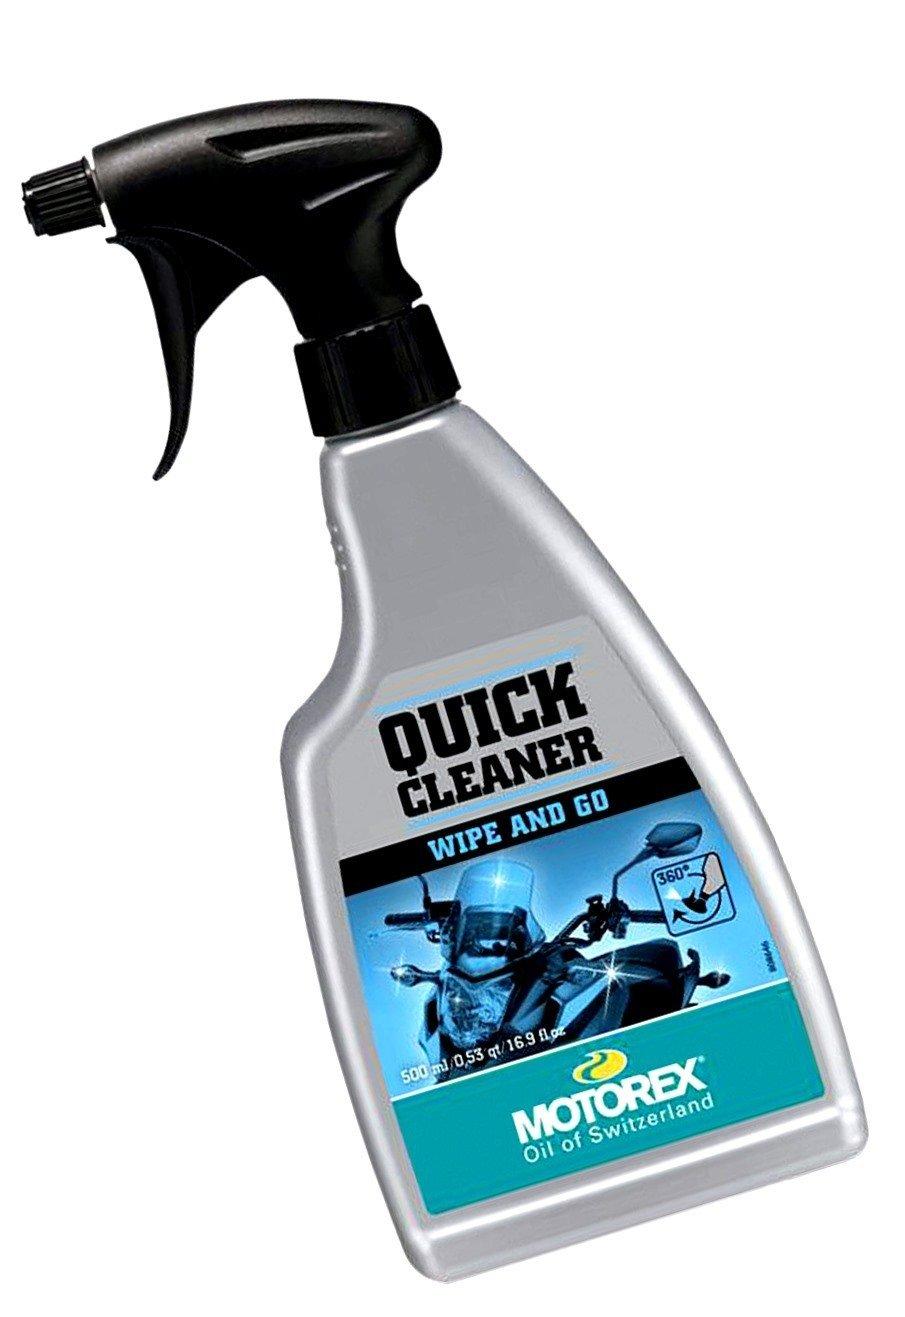 DETERGENTE MOTOREX MOTO QUICK CLEANER